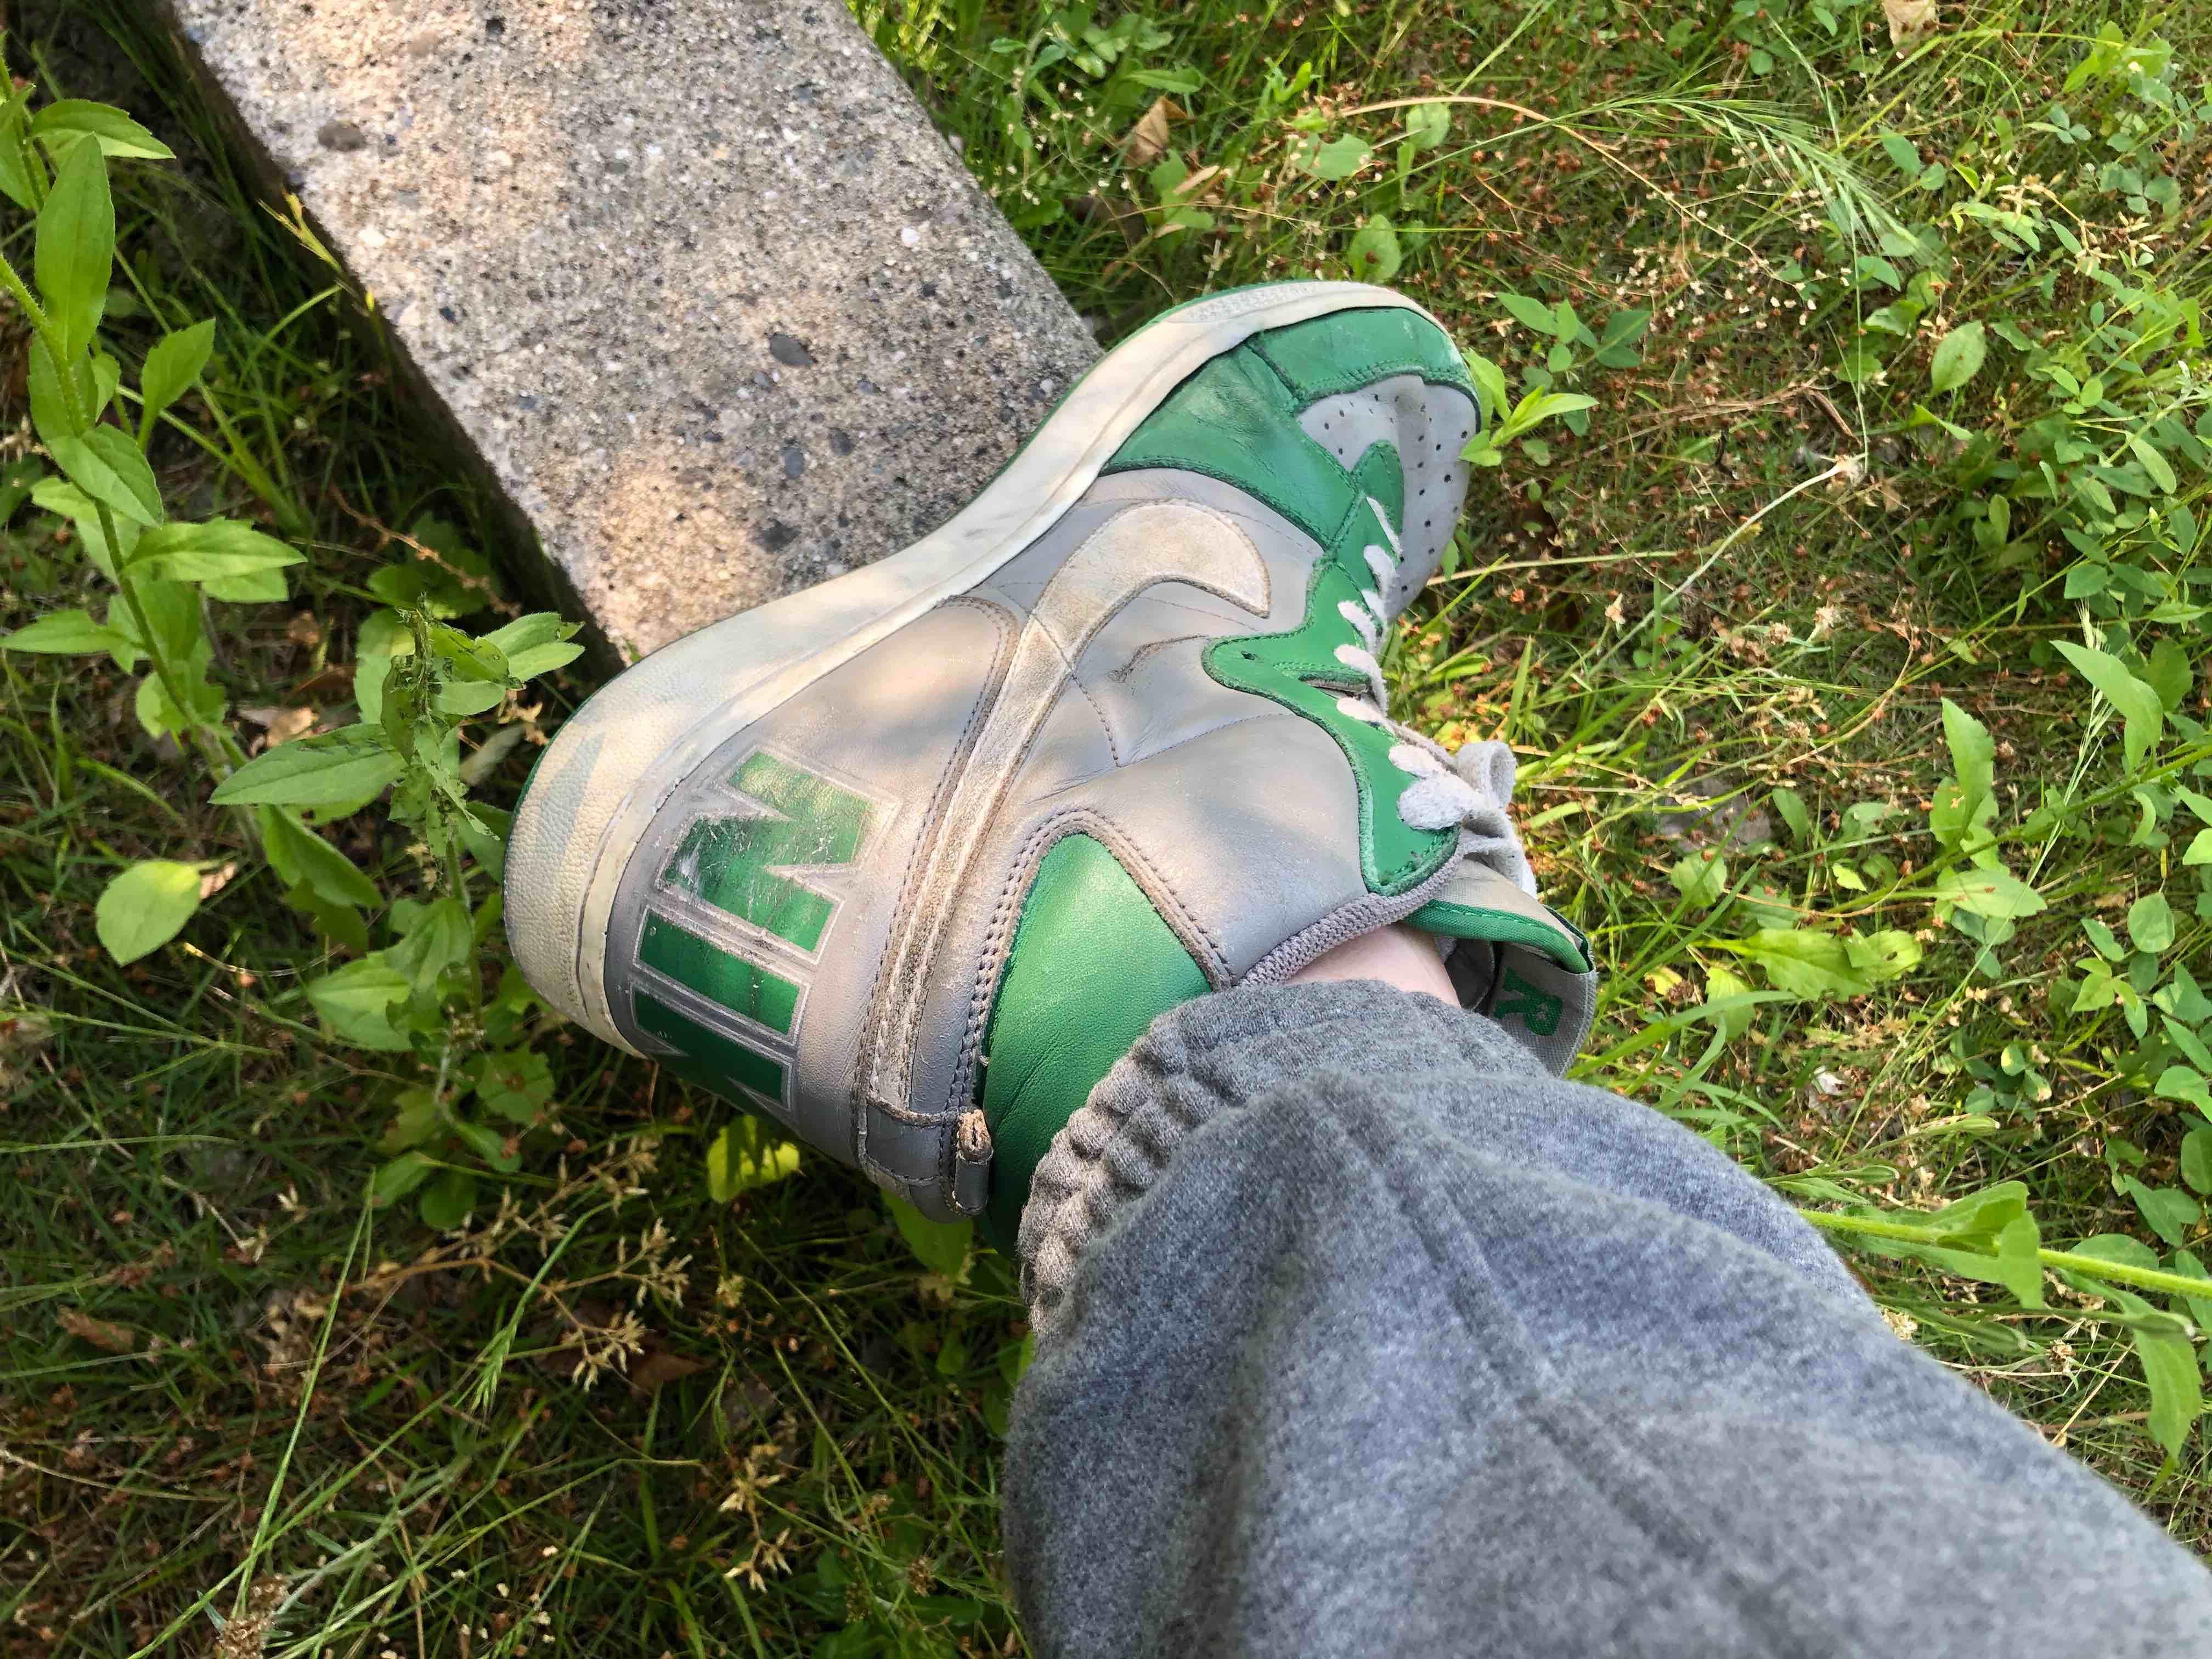 今日は久々にこれ履きました。 ターミネーター好きな靴です  ちょっと磨かな